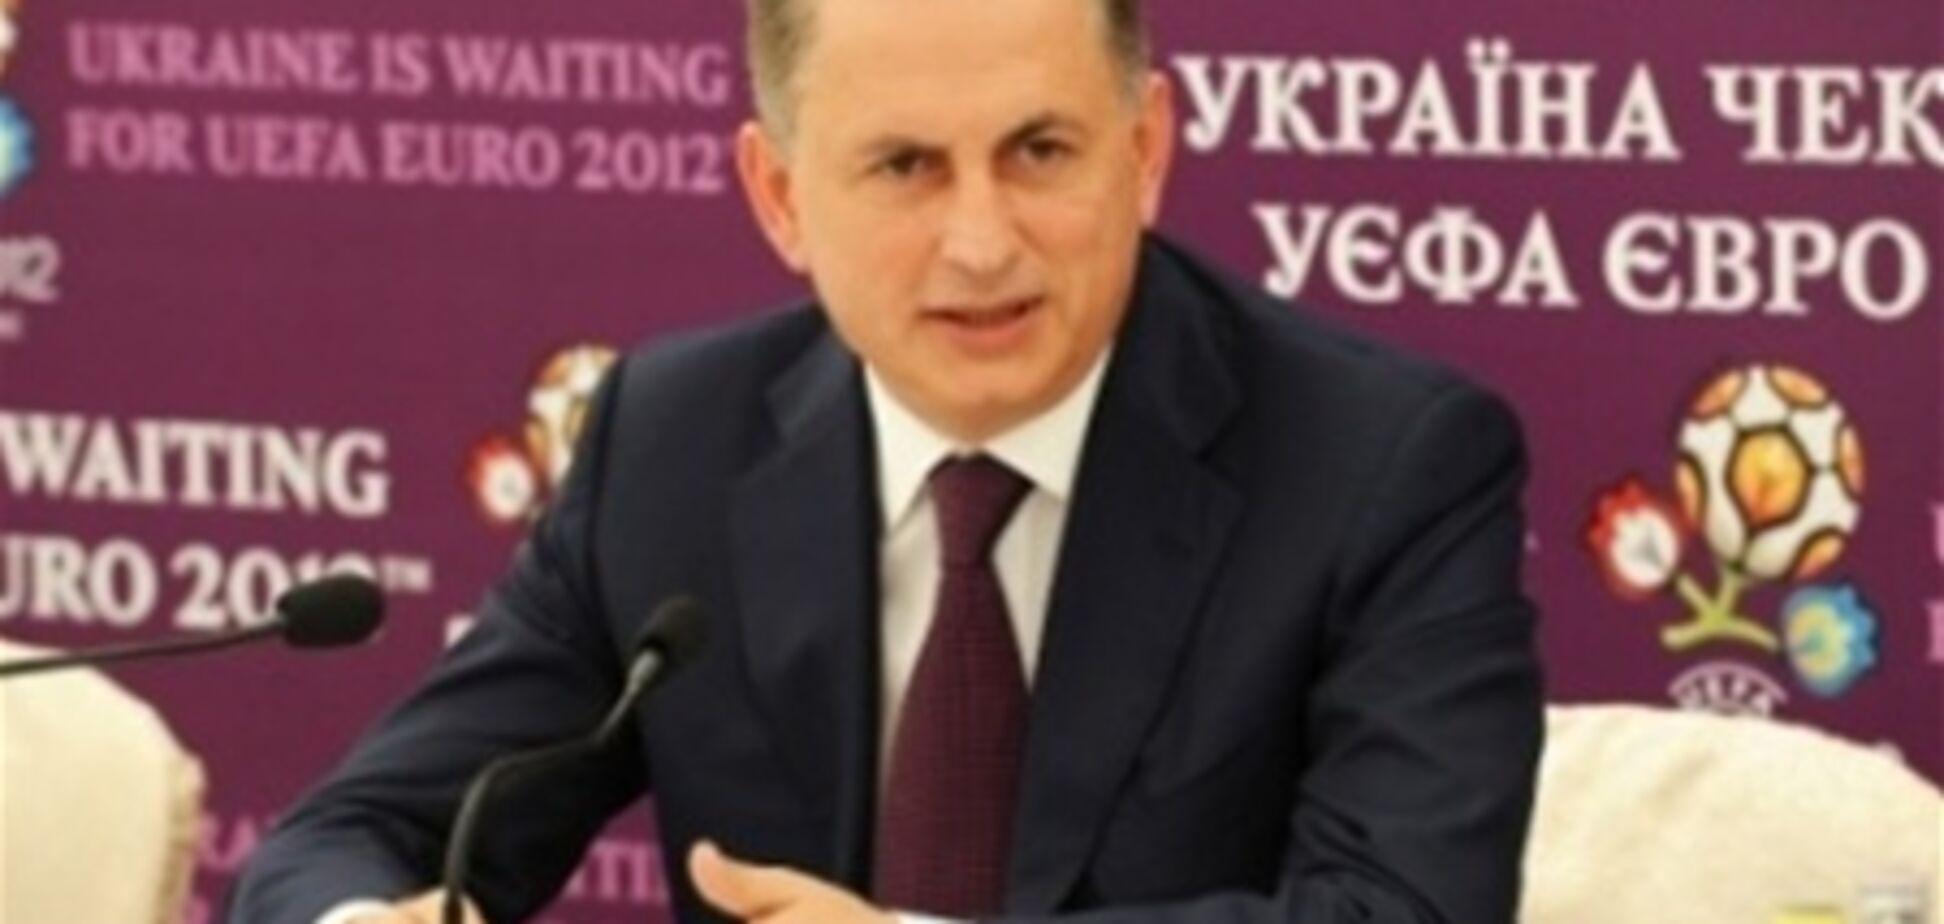 В 2012-м начнут строить дорогу Донецк - Луганск